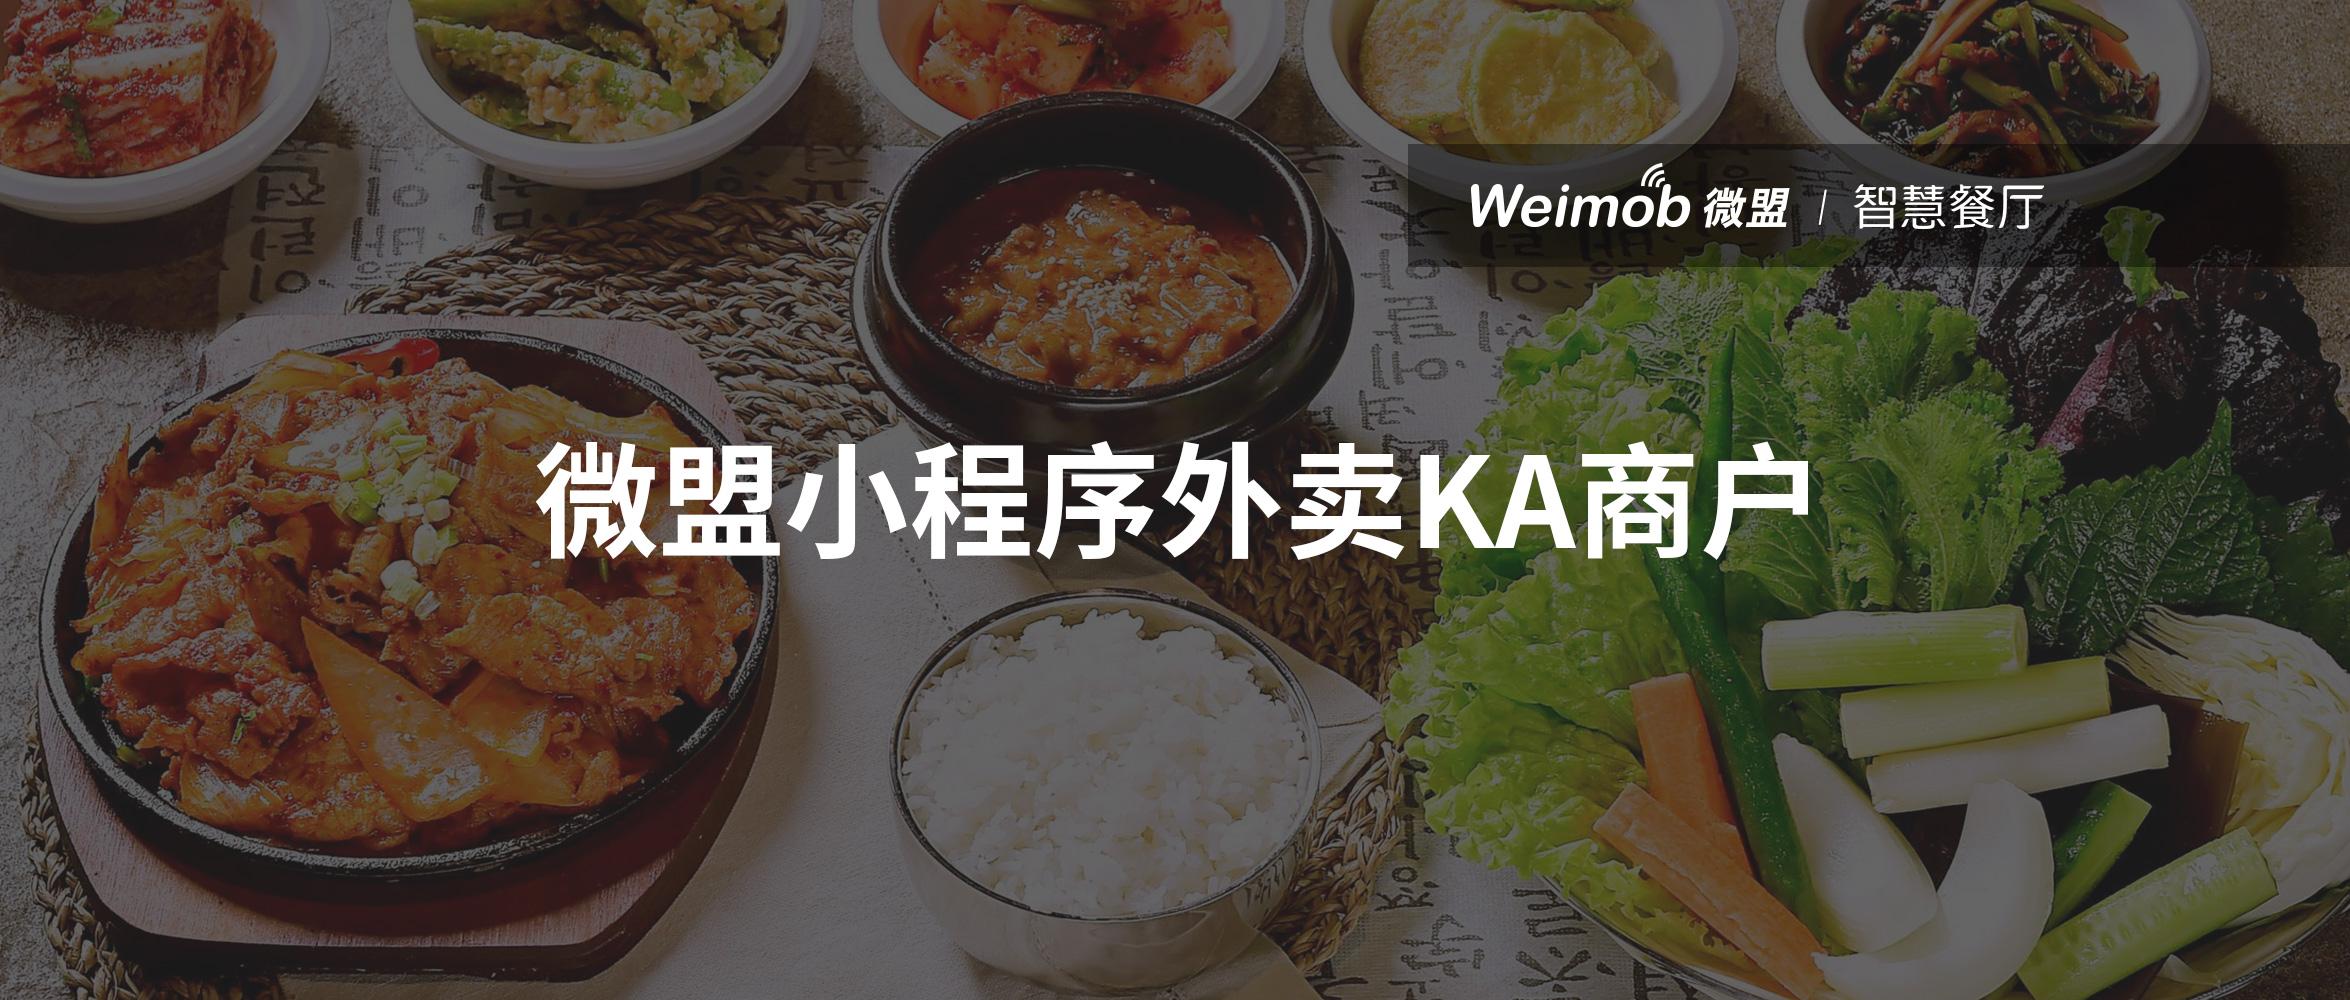 """增粉5万+,单月销售额170万+,韩国人气美食协会""""韩食通""""如何借力小程序外卖,聚拢近百个品牌商户?"""